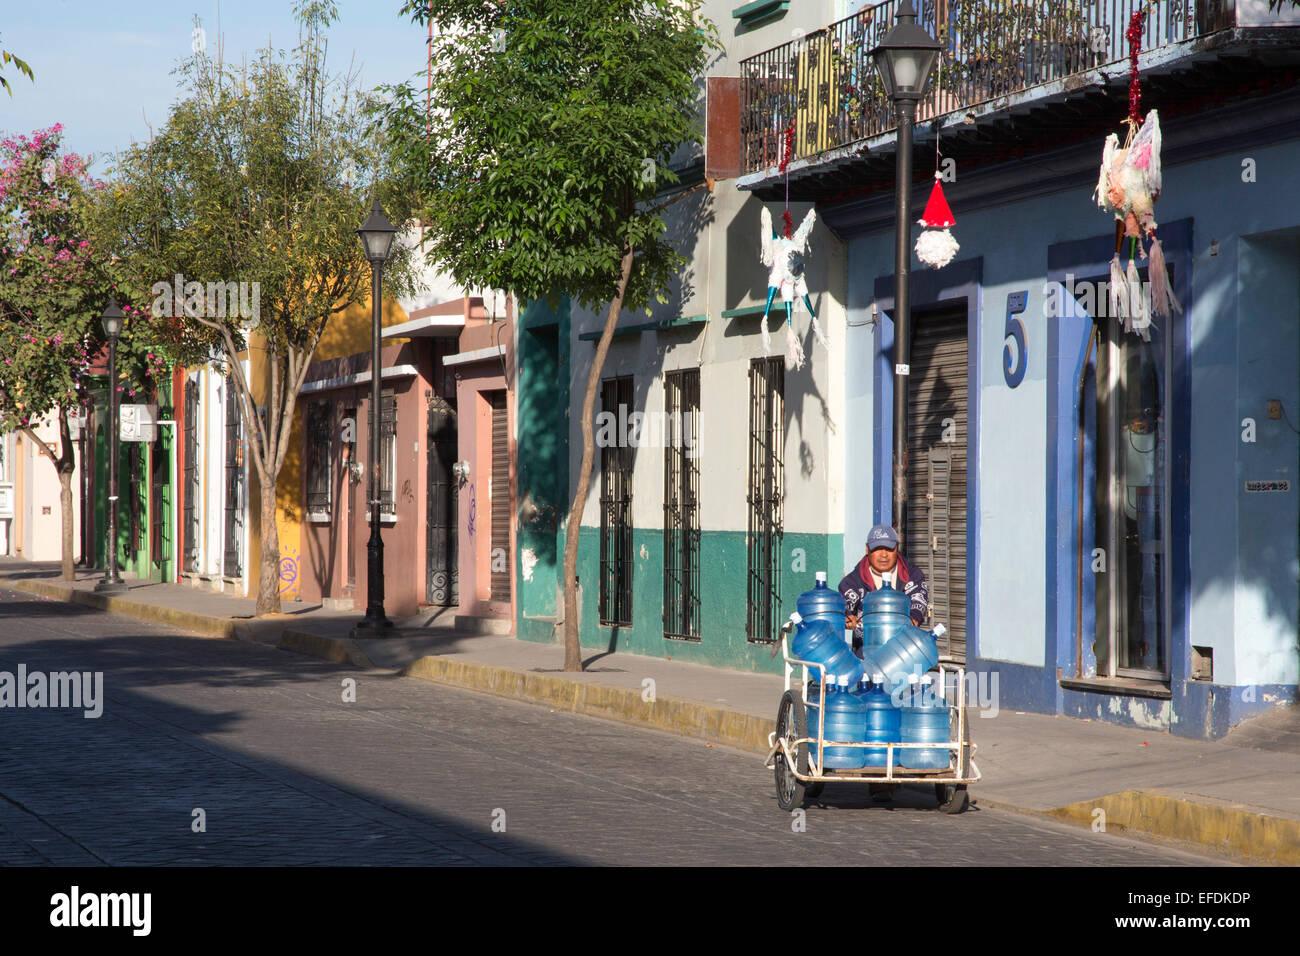 Oaxaca, Messico - un uomo eroga acqua in bottiglia con un carrello a mano. Immagini Stock